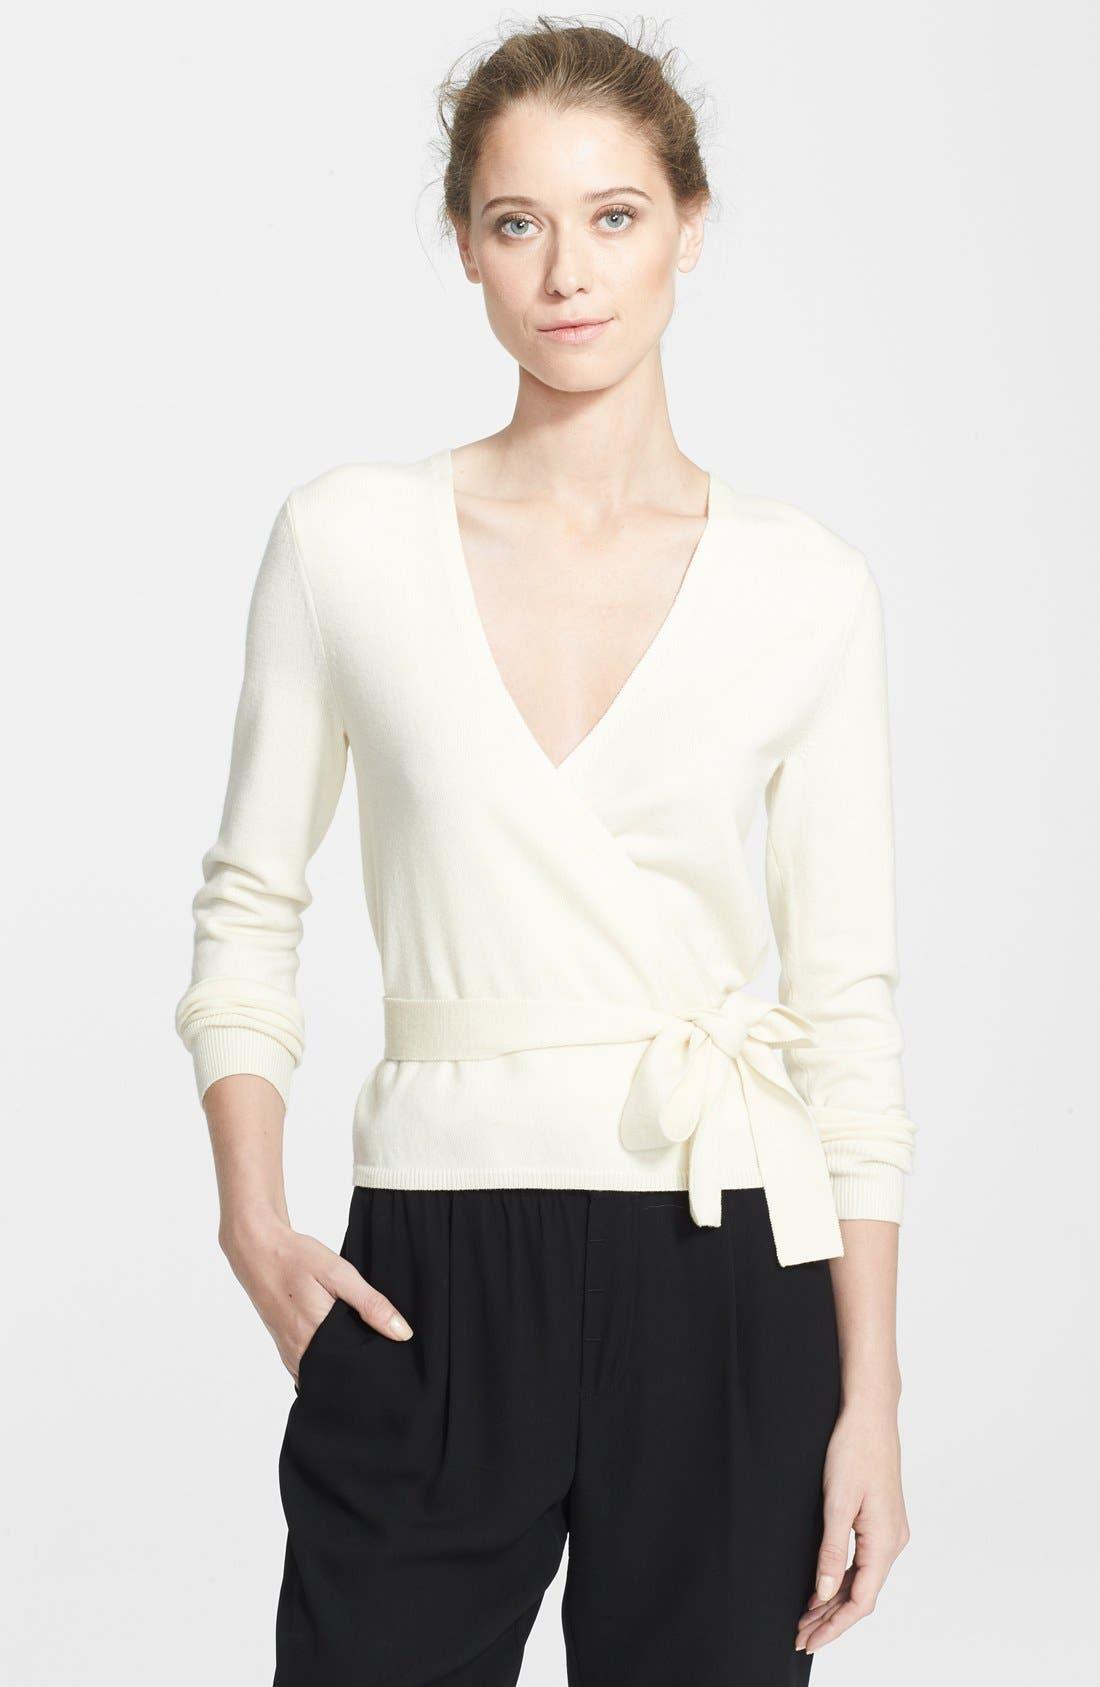 Main Image - Diane von Furstenberg 'Ballerina' Cardigan Sweater